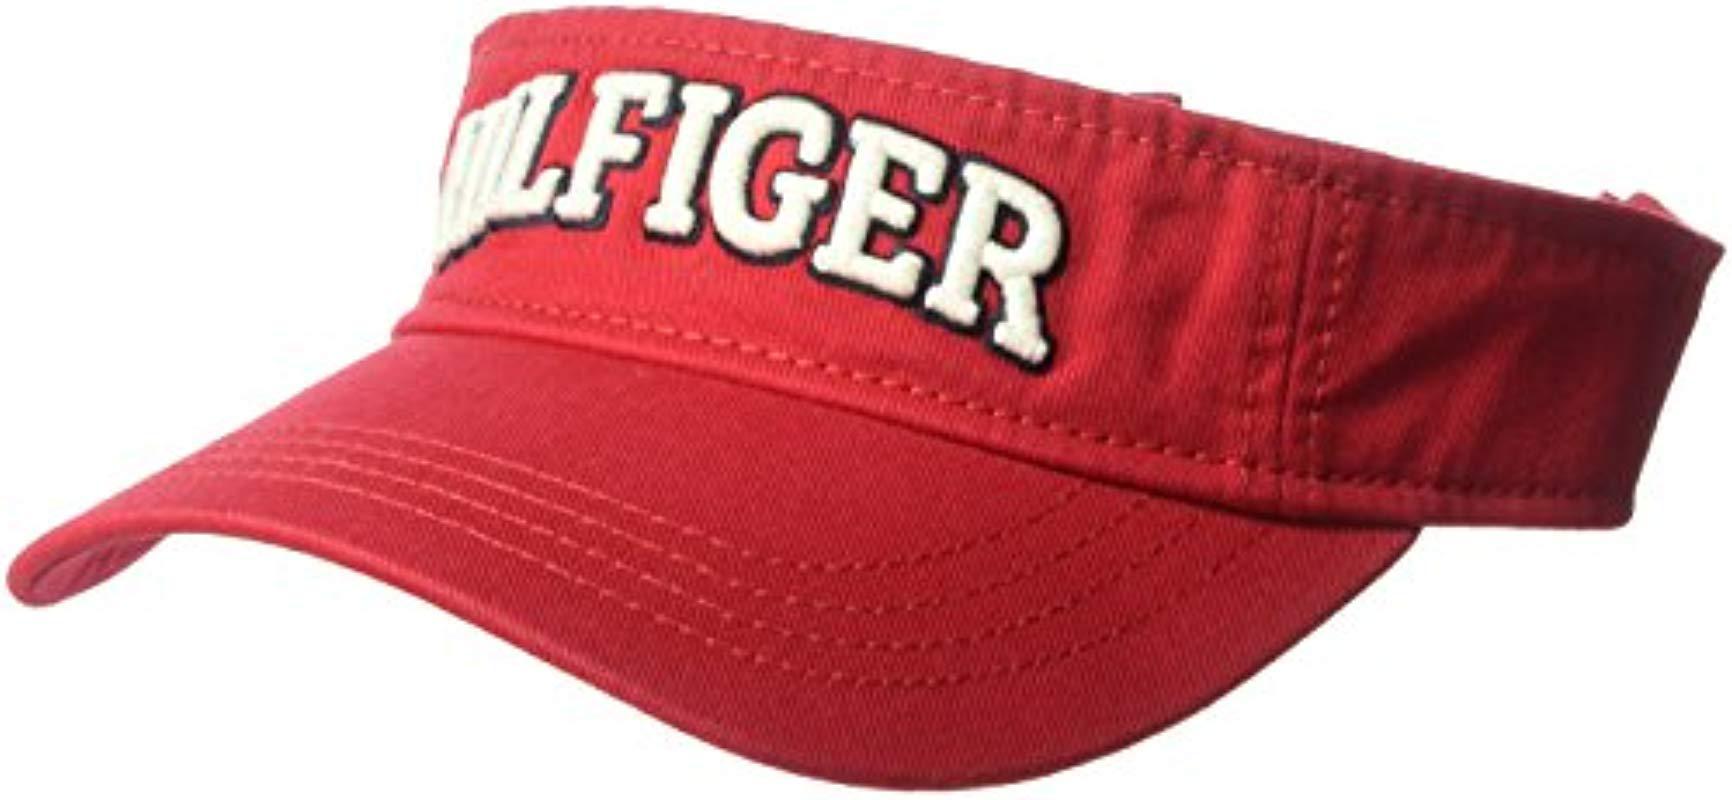 Lyst tommy hilfiger dad hat varsity visor in red for men jpg 1732x800 Tommy  red visor 51e2edad5e61